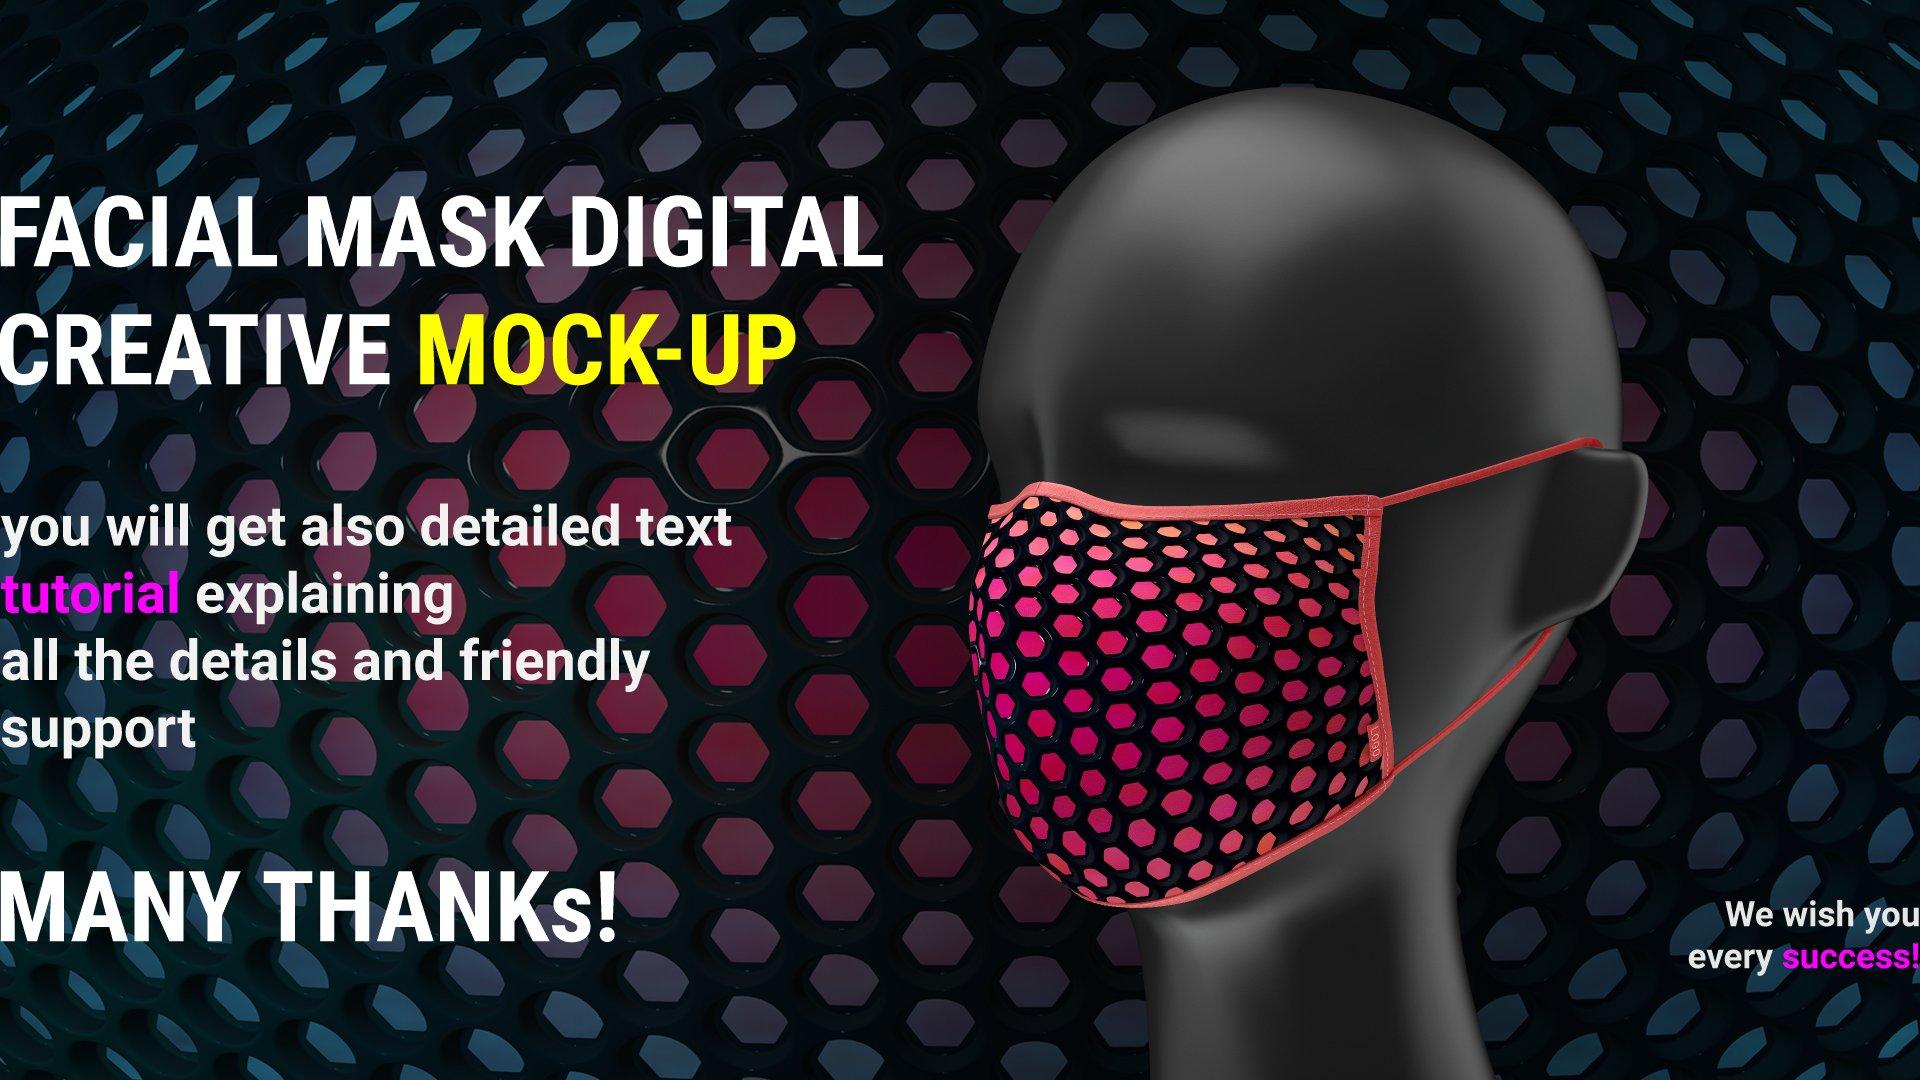 一次性防护面罩口罩印花图案设计展示样机 Facial Mask Mockup插图(6)